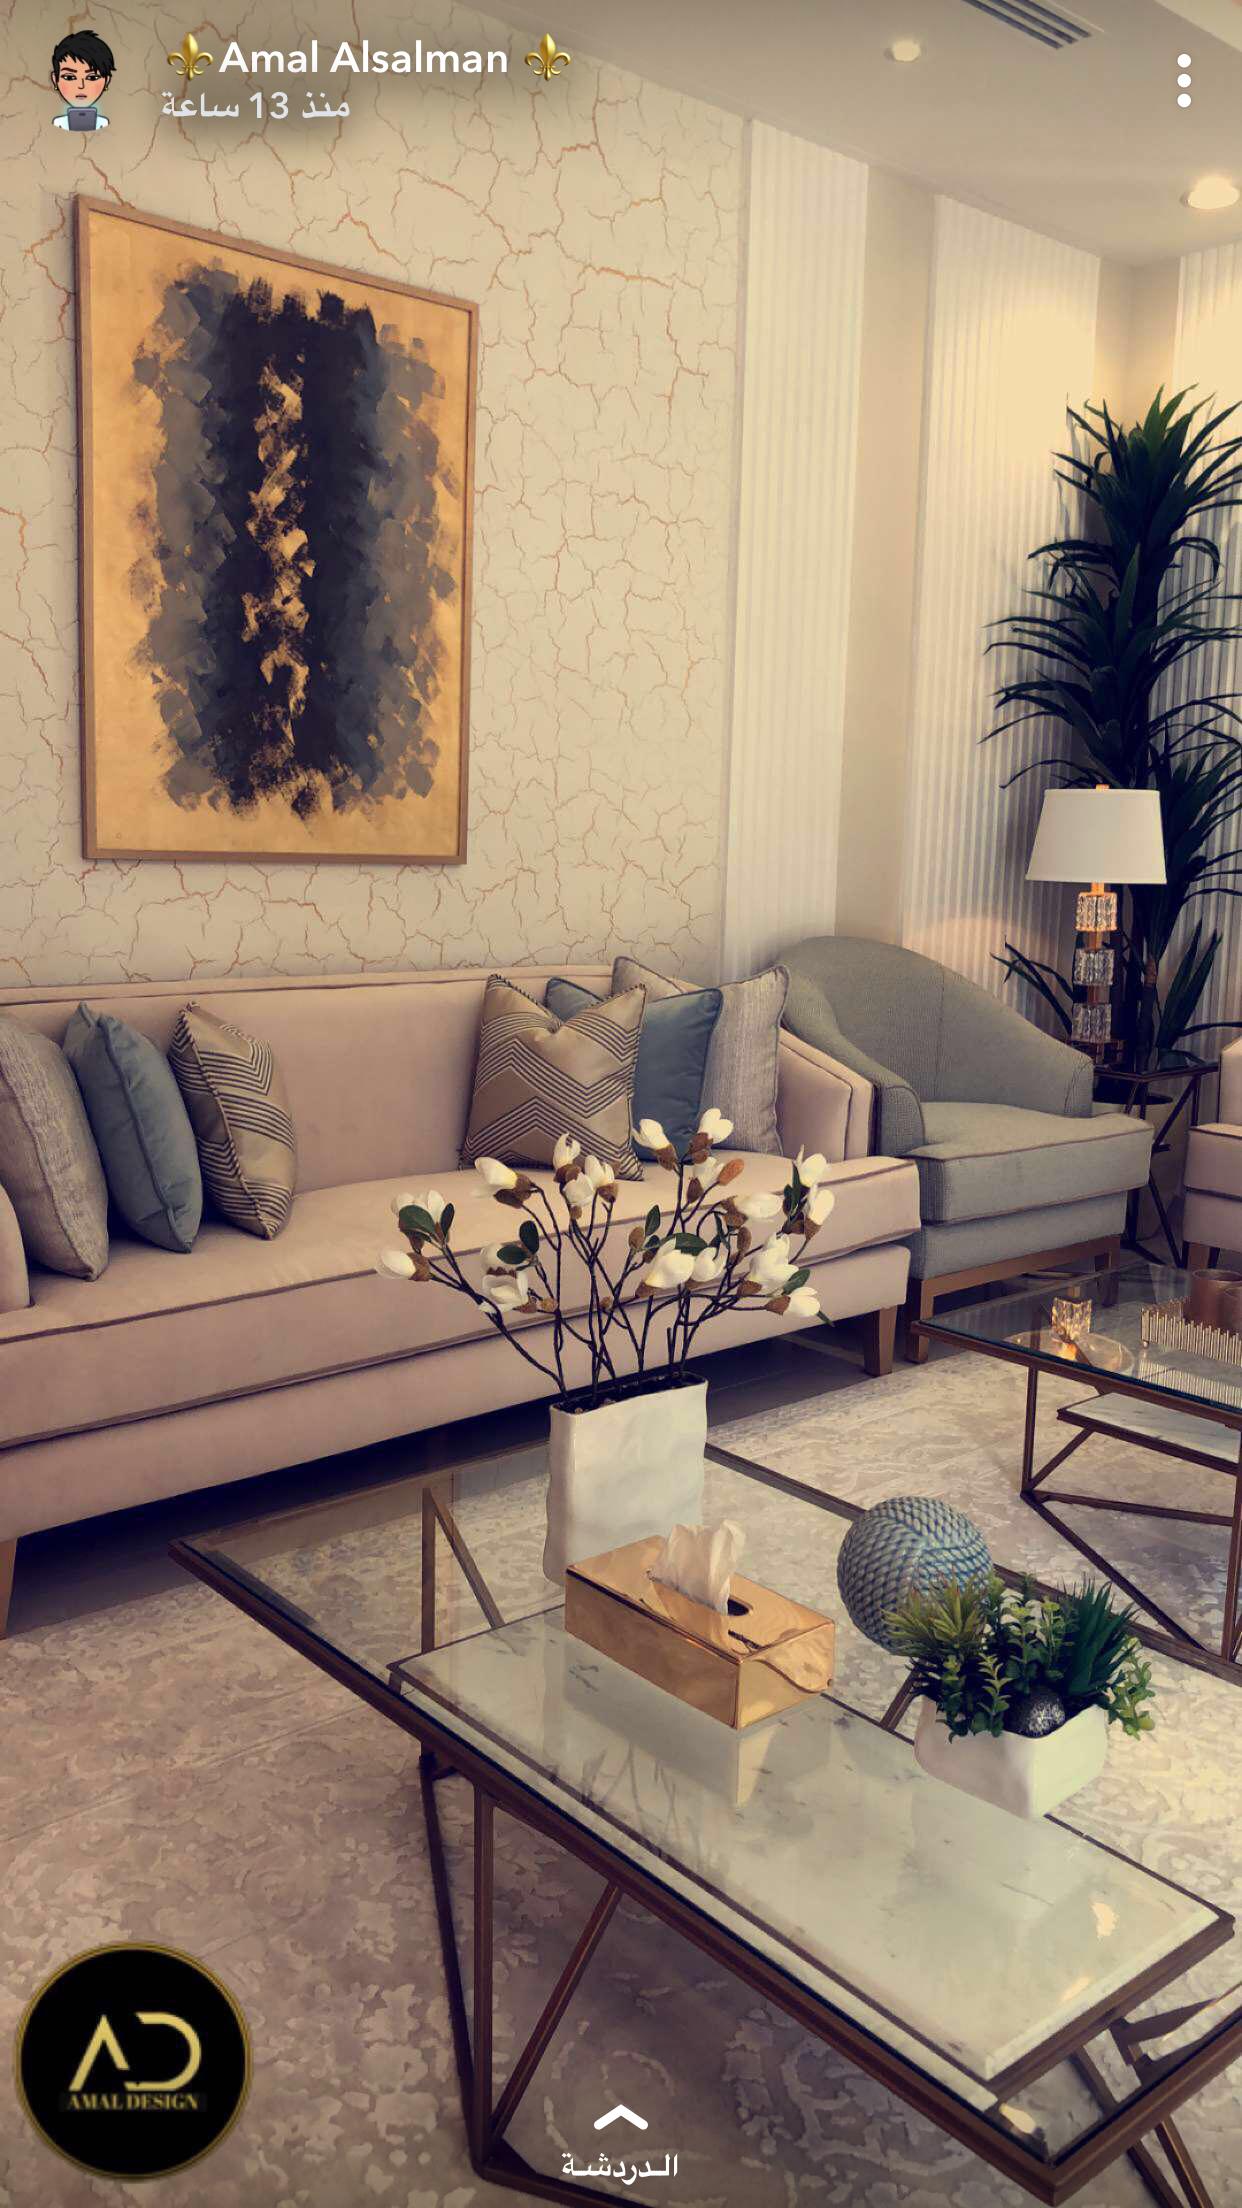 لاول مرة توليفة الجلد مع القماش المخمل تتألق في طقم الكنب هذا ميداس كنب غرف جلوس السعودية الكويت قطر Furniture Home Decor Living Room